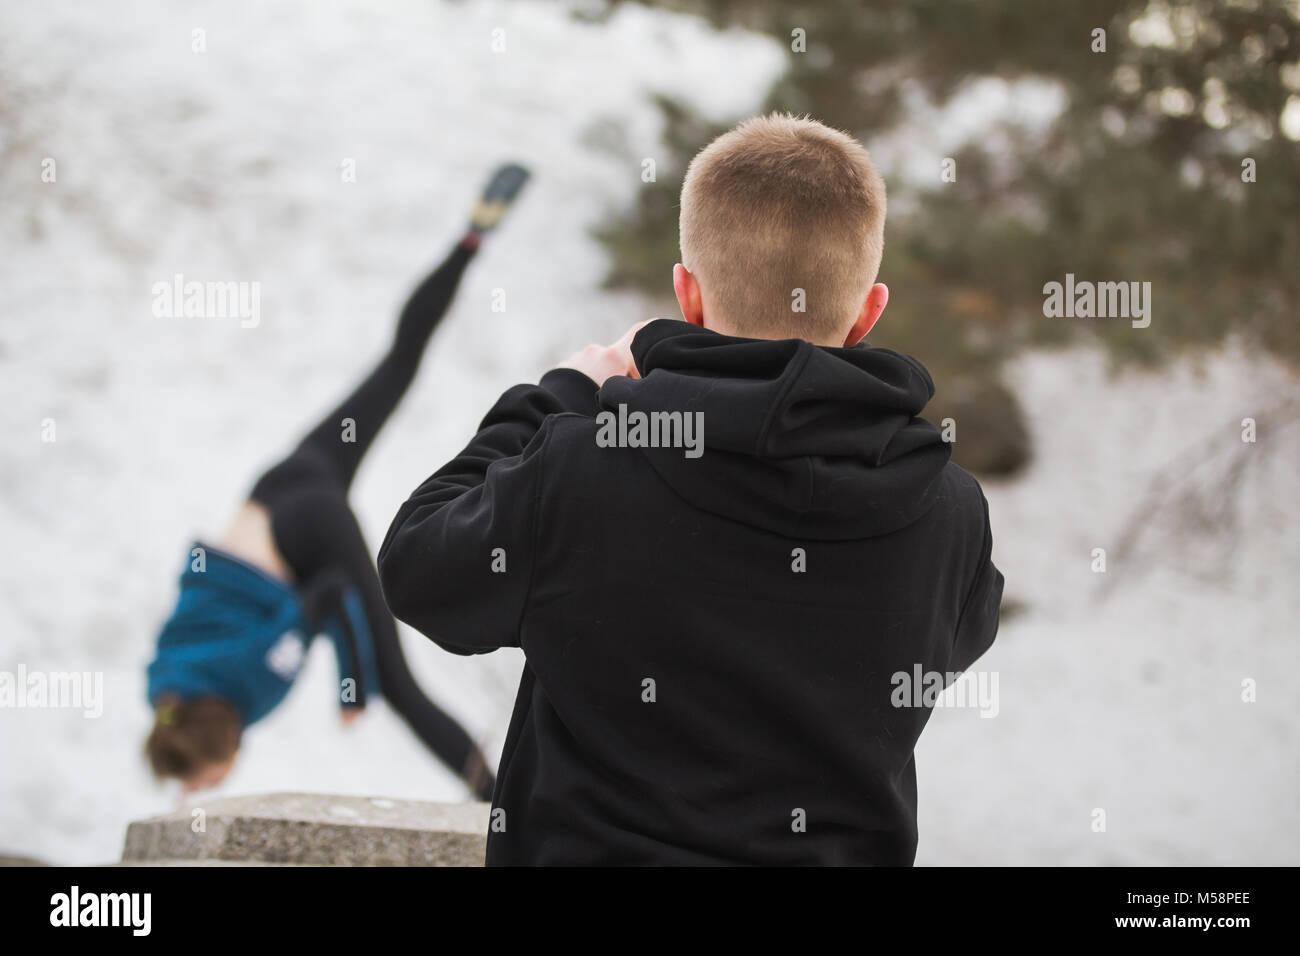 Adolescente chico busca chica Salto acrobático en invierno, el parque de la ciudad - parkour concepto Imagen De Stock